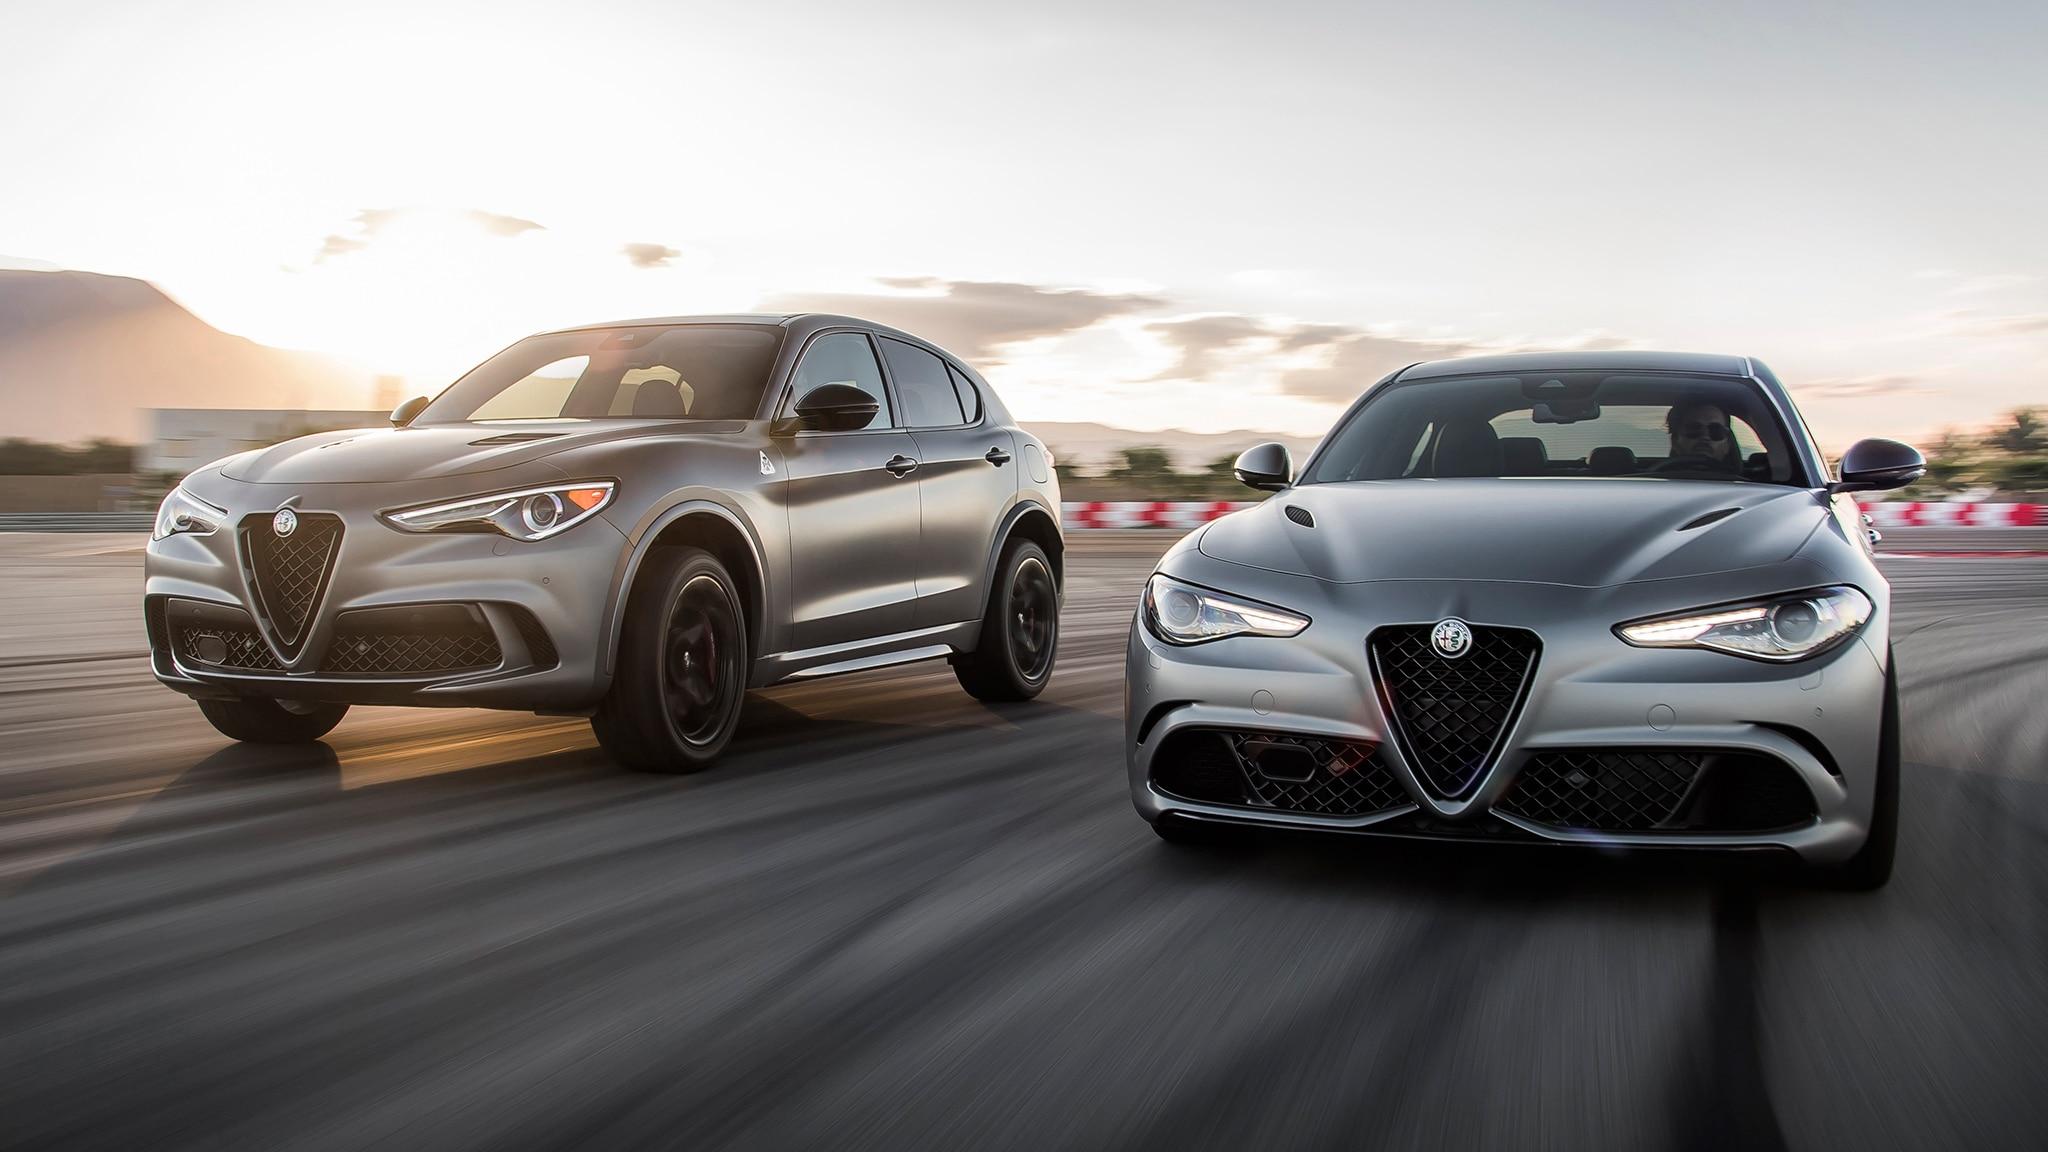 2020 Alfa Romeo Quadrifoglio NRING Models 1